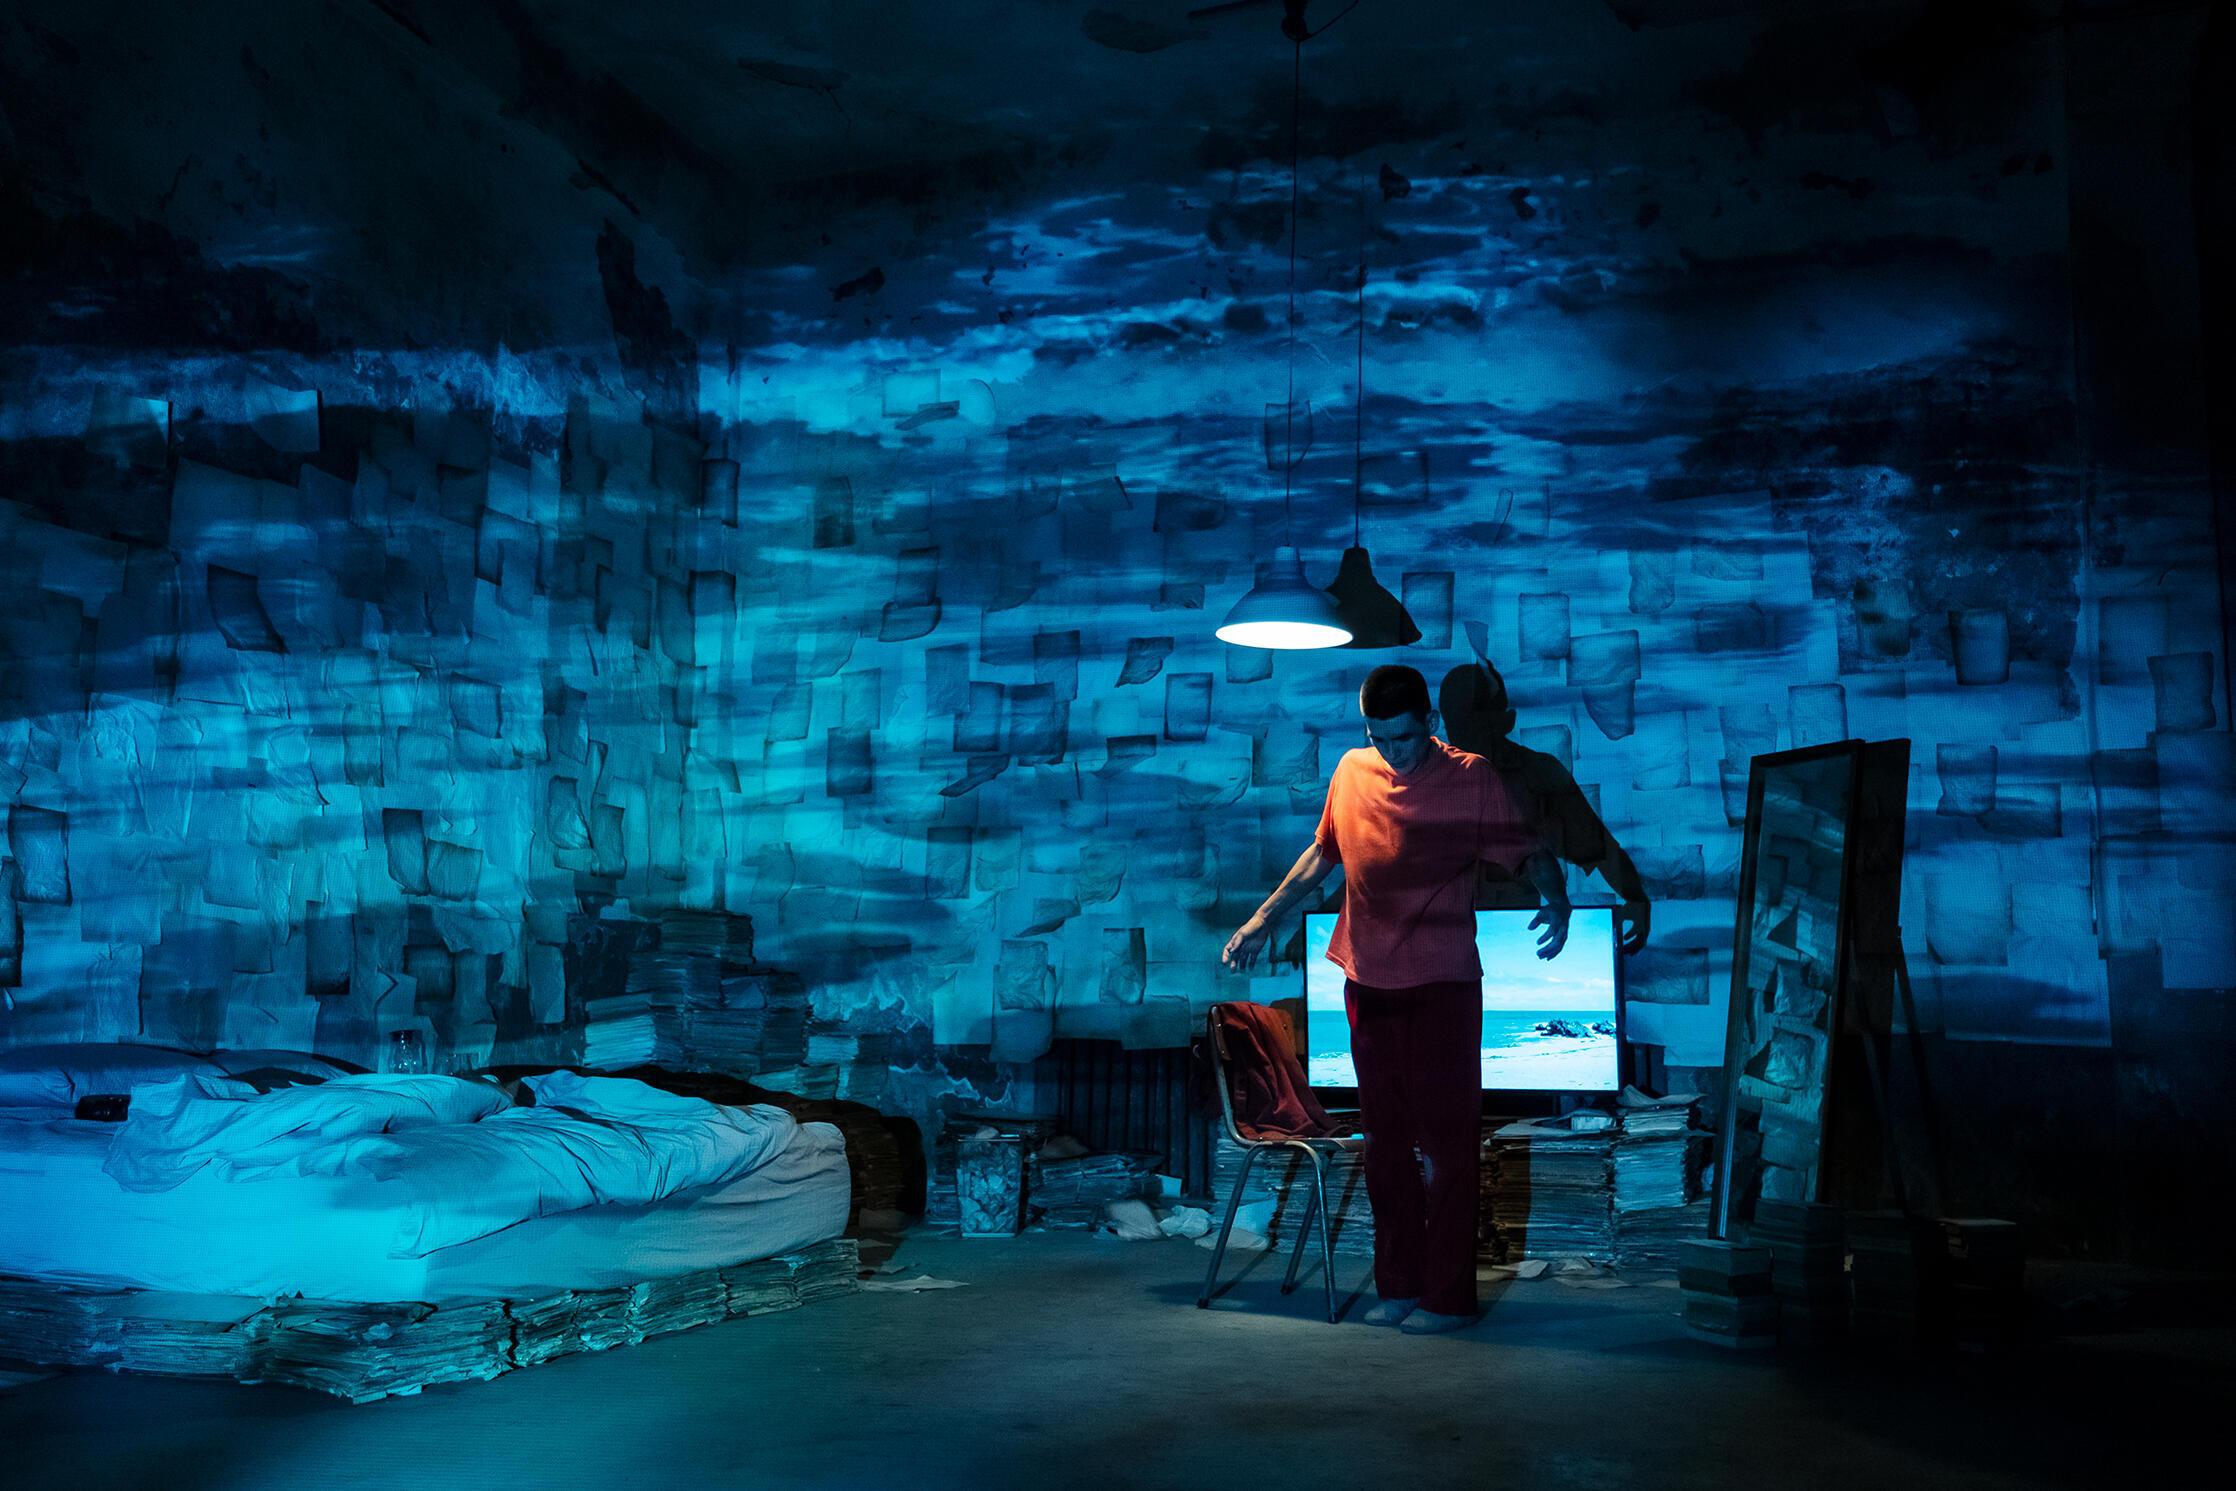 Dans « Afterimage for Tomorrow » (Taïwan), Singing Chen raconte l'histoire d'un homme qui se réveille dans une dimension inconnue de la conscience.